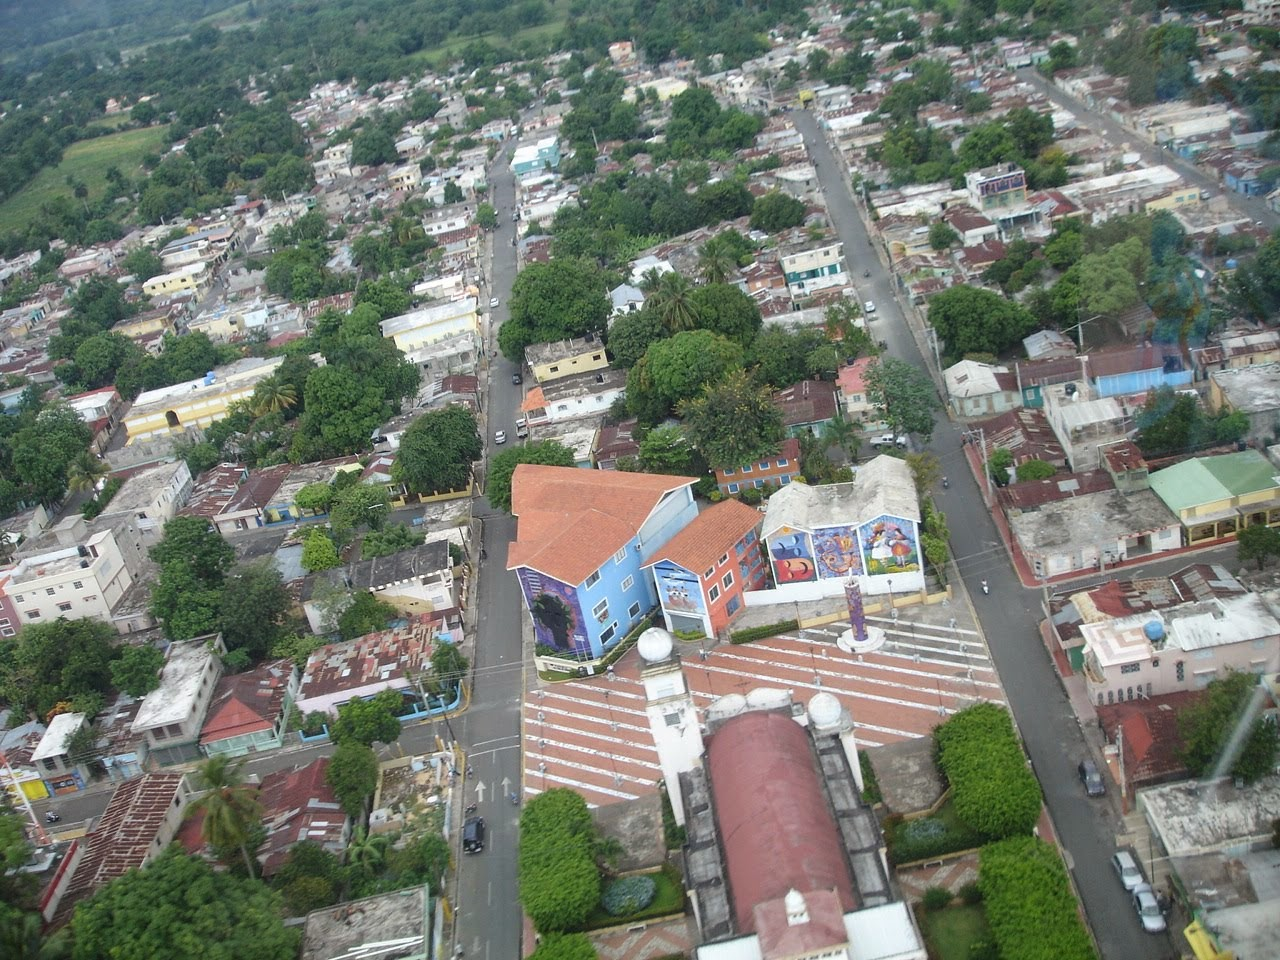 BONAO, REP. DOM.